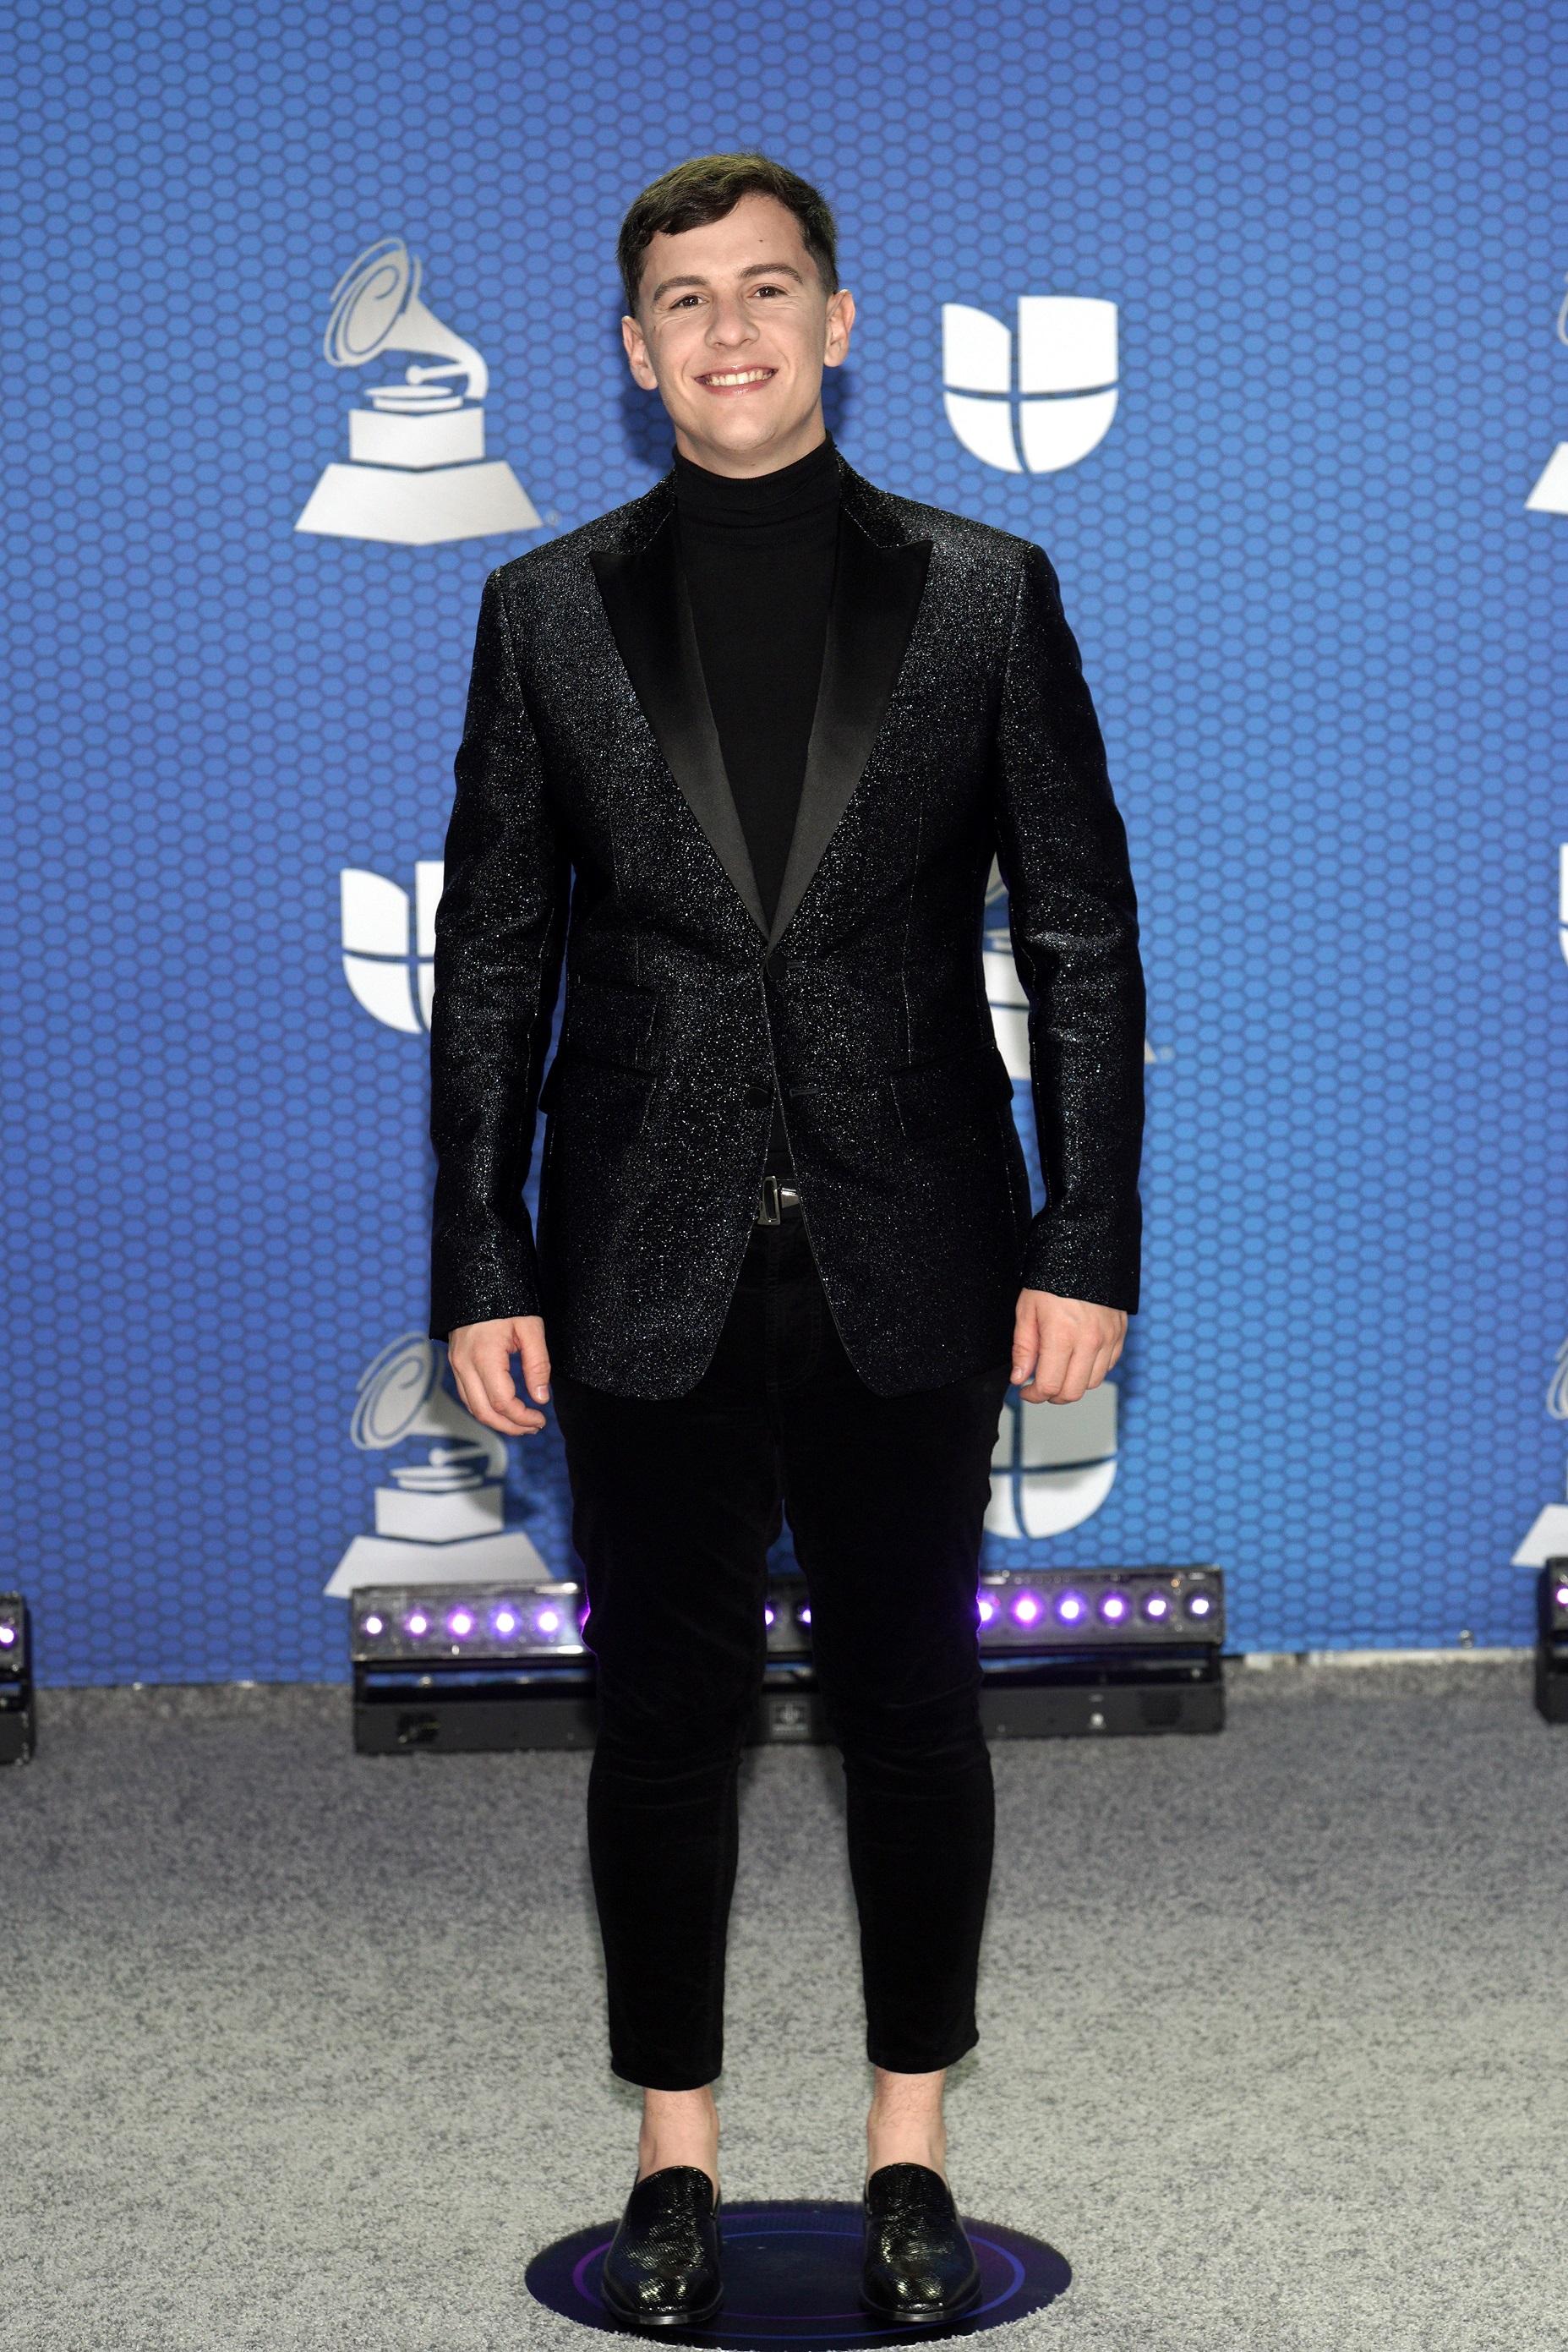 El puertorriqueño Guaynaa decidió lucir sobrio y elegante para la ocasión con camisa de cuello alto, pantalón y chaqueta negra con brillo. (Foto: Suministrada/ Univisión)